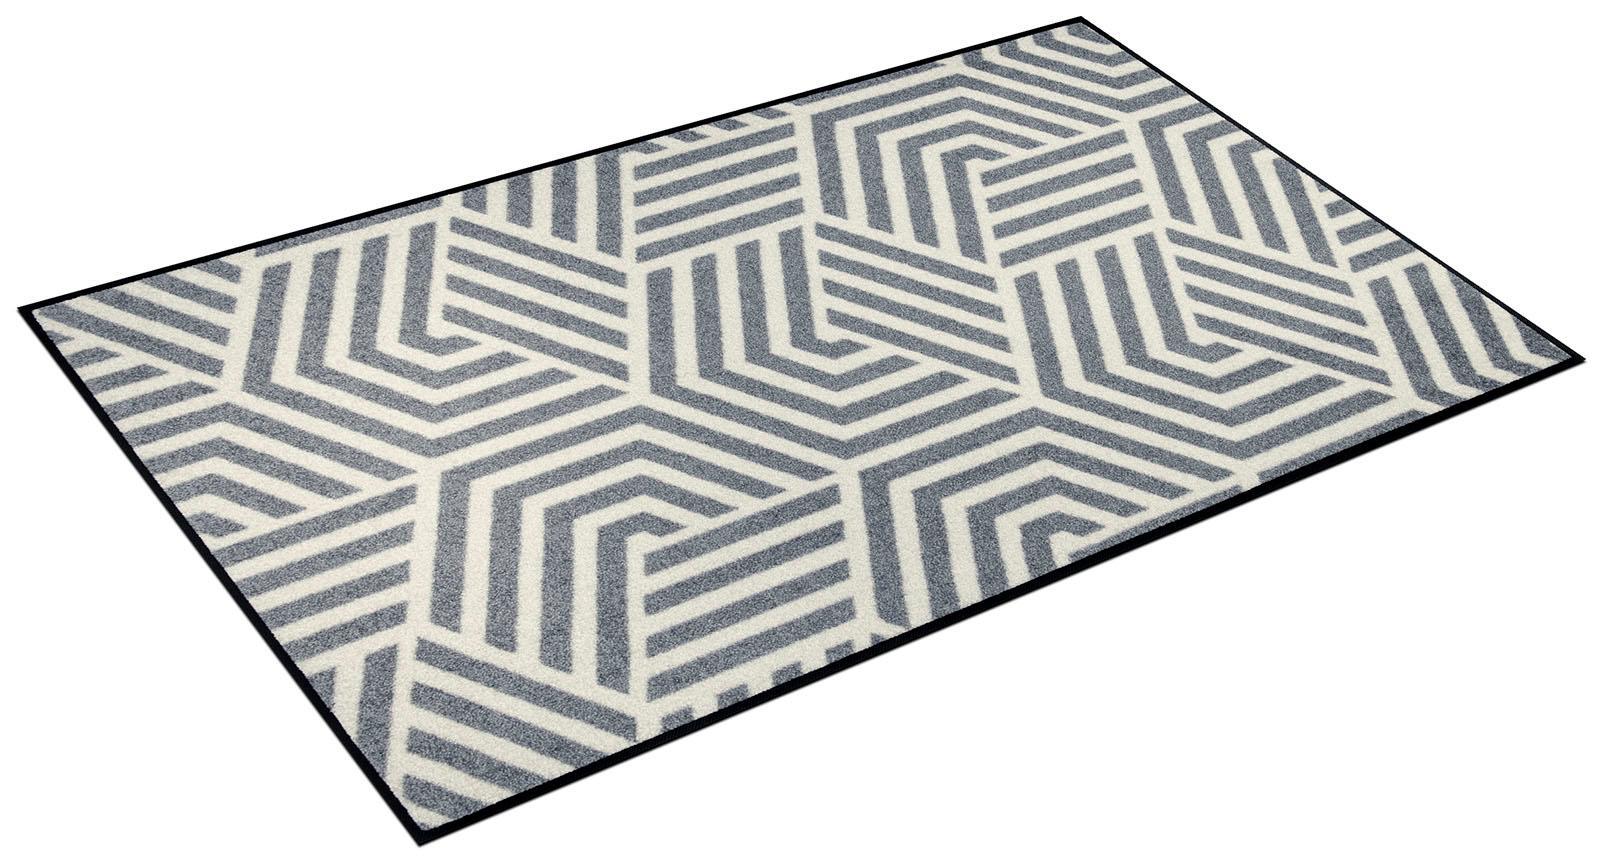 Teppich Odin wash+dry by Kleen-Tex rechteckig Höhe 7 mm gedruckt